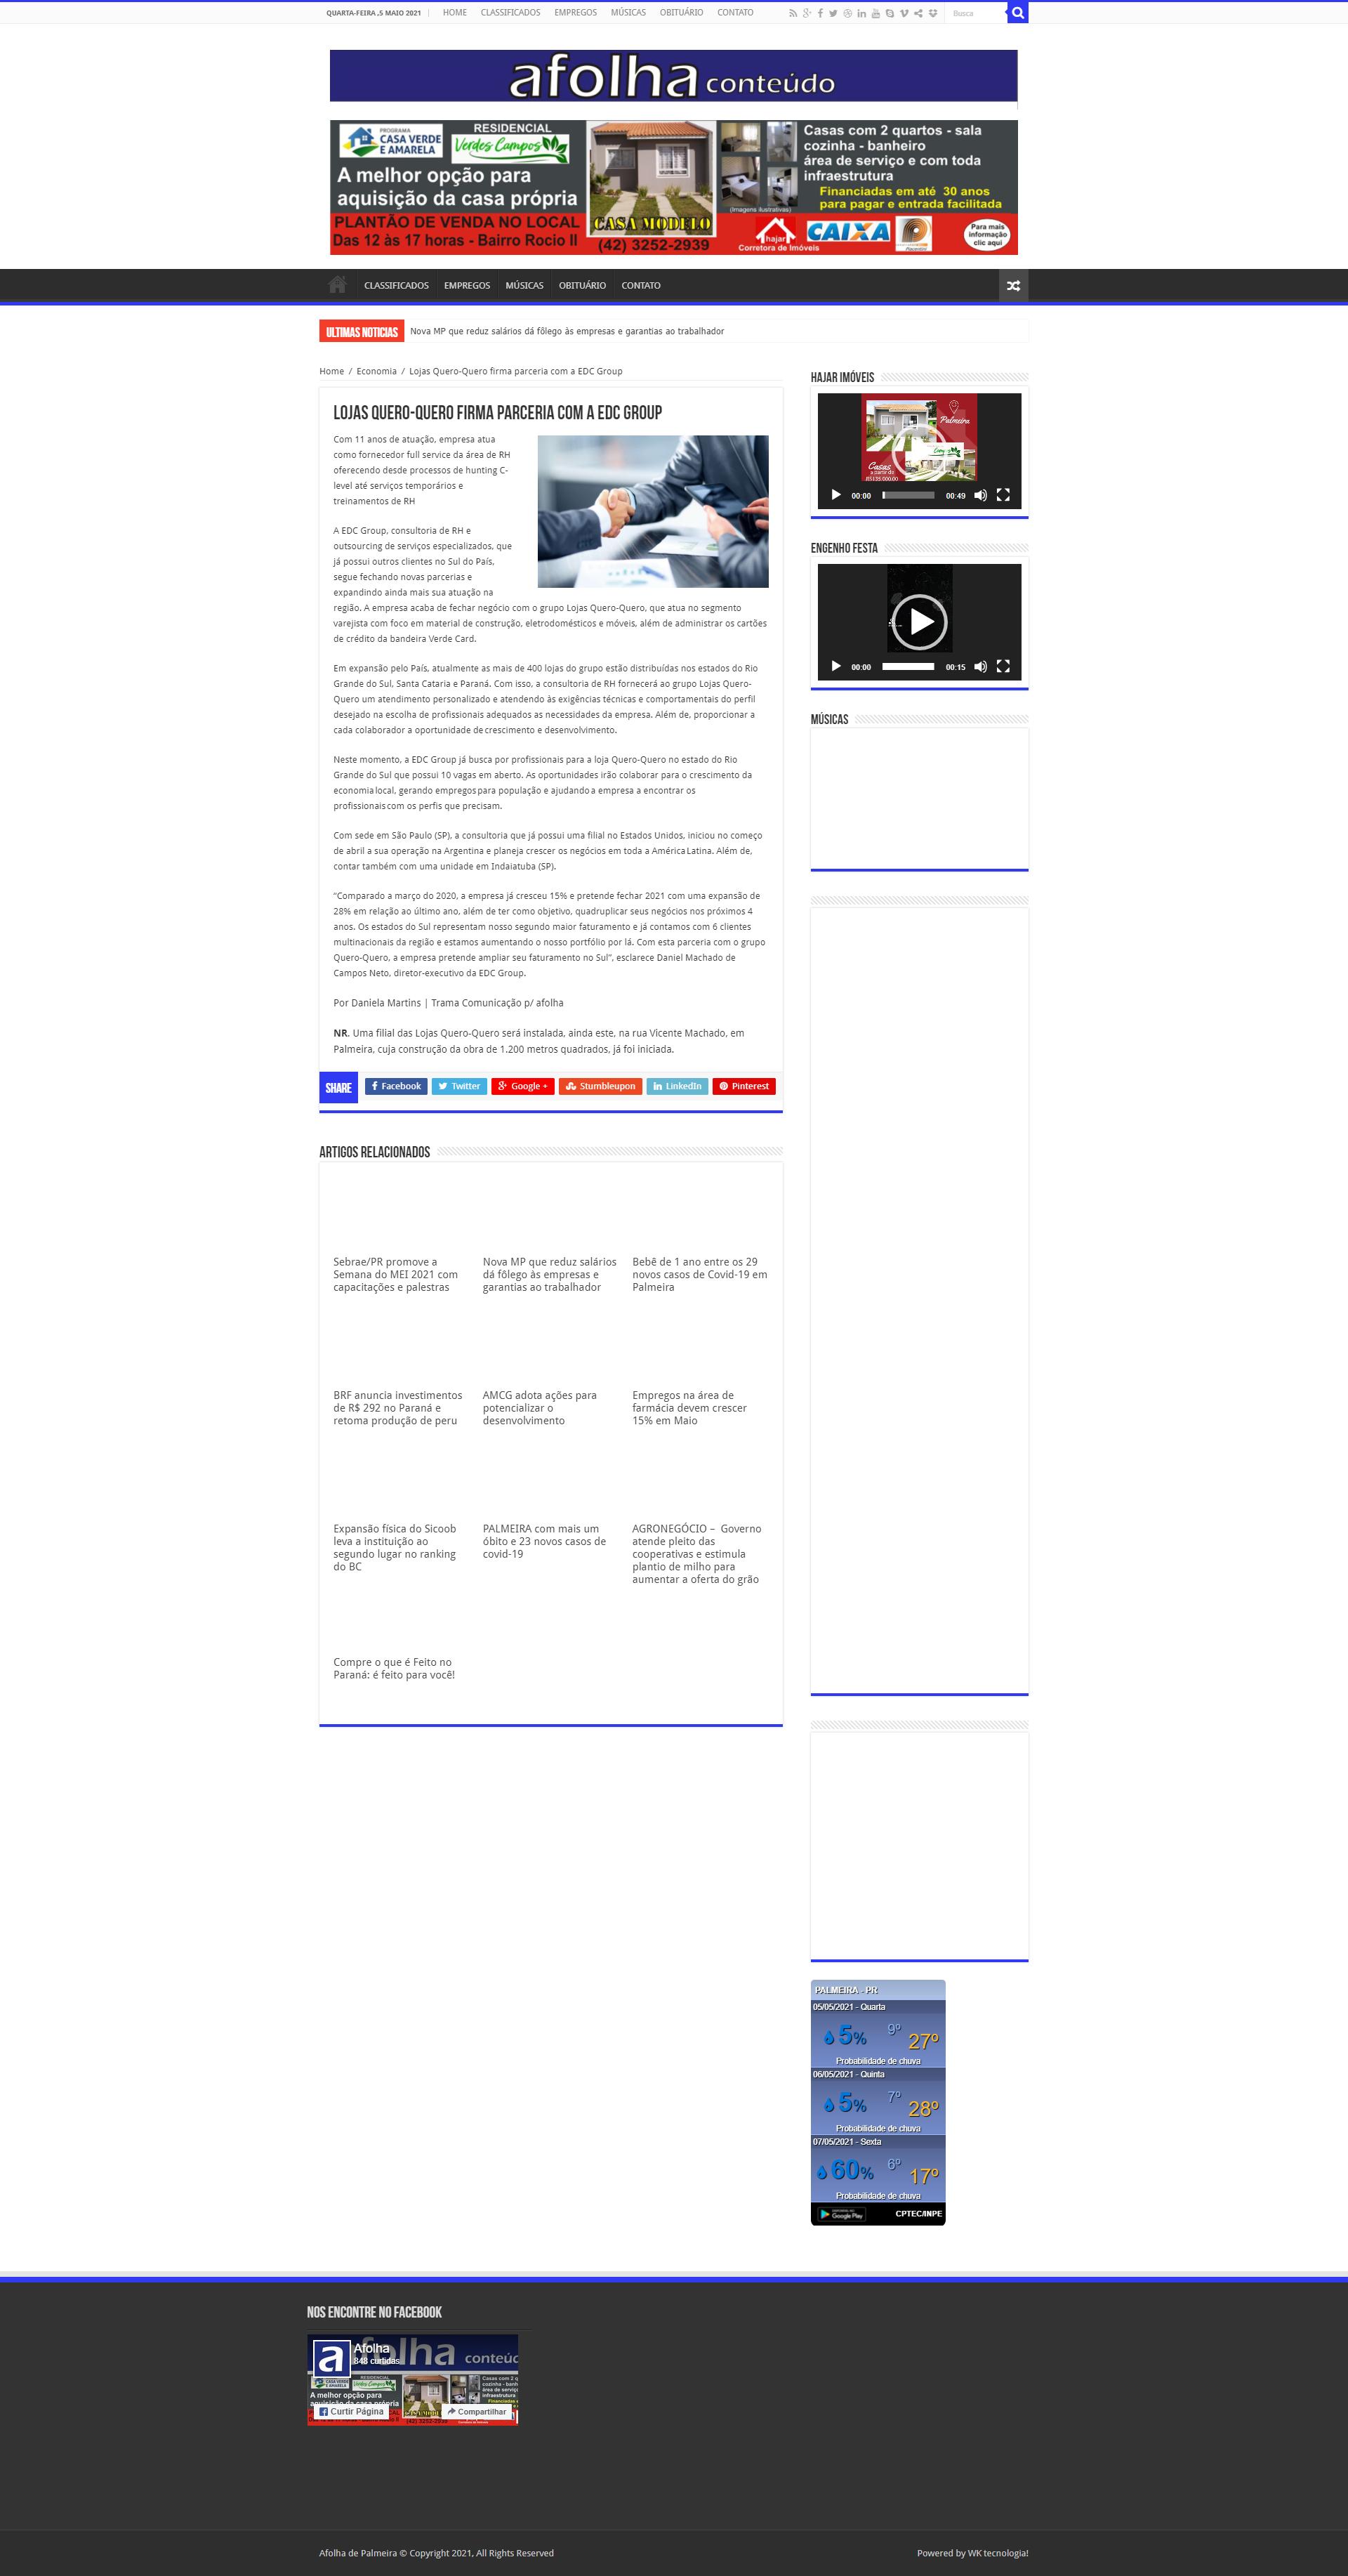 Lojas quero-quero firma parceria com a EDC Group - Folha de Palmeira